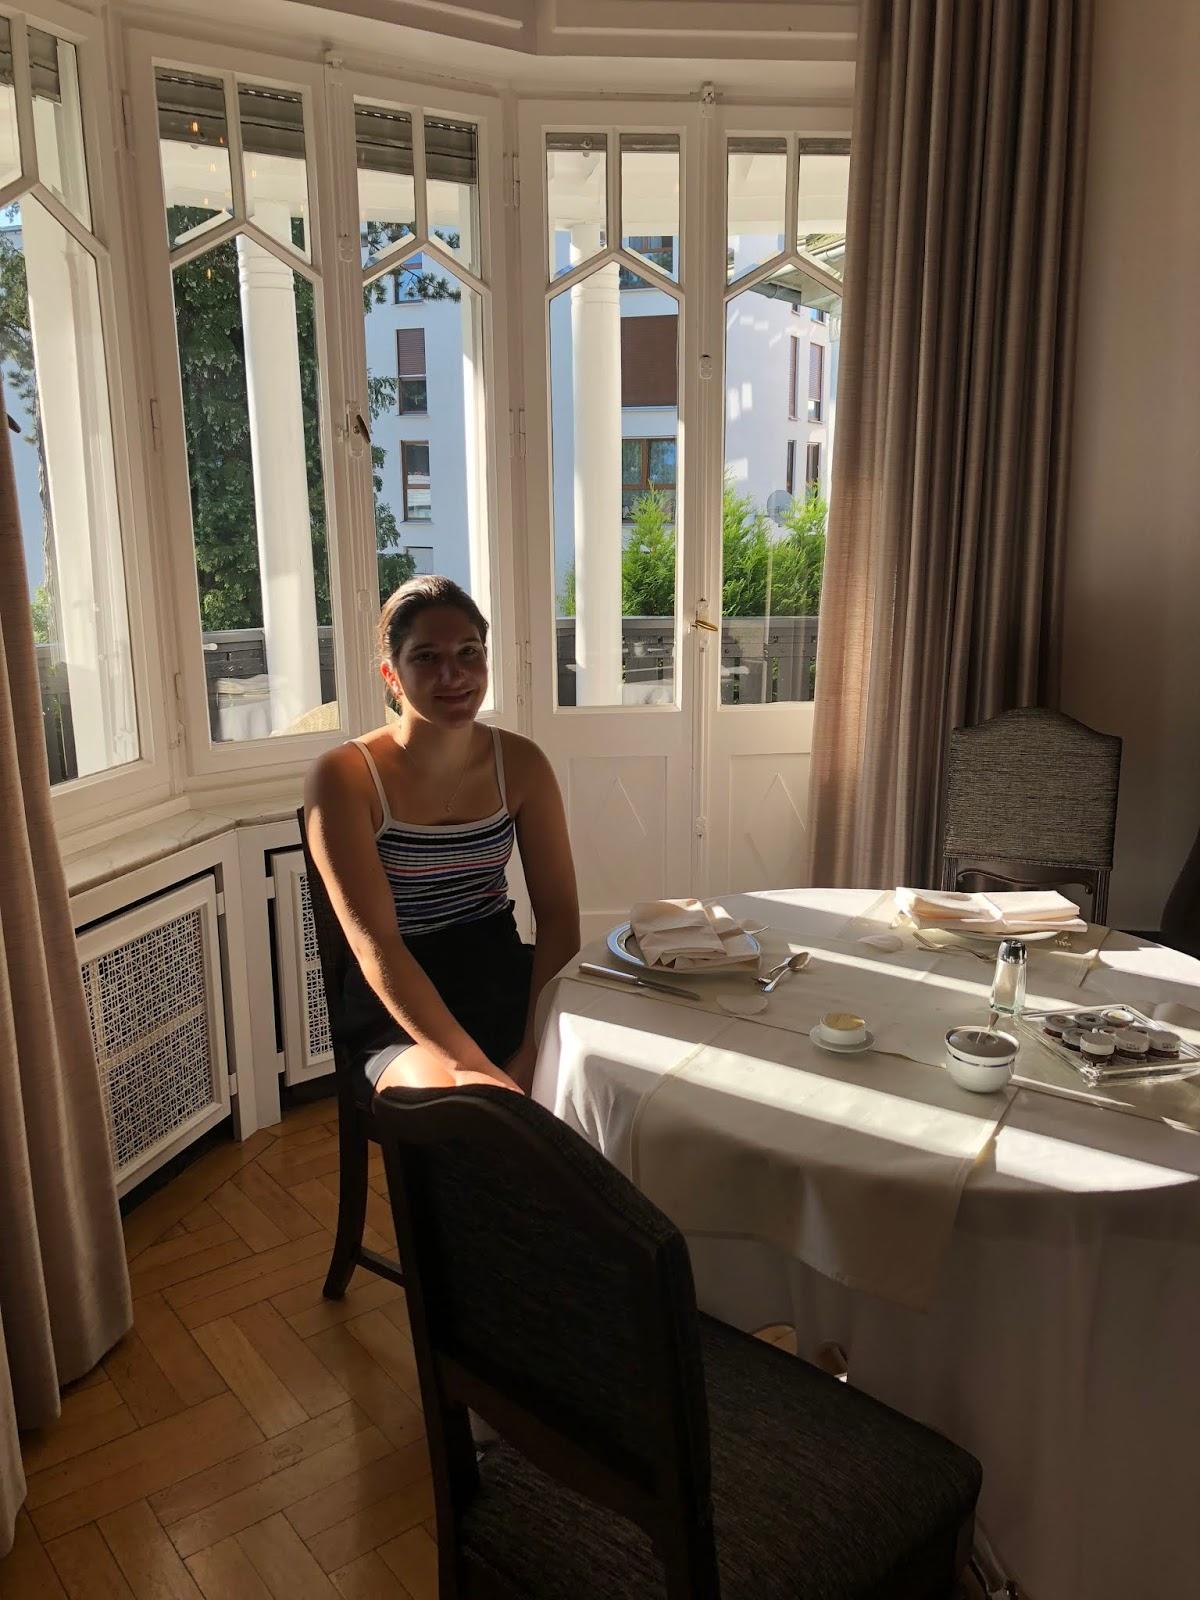 Frühstück mit meiner Ältesten im Hotel Scarpati, Wuppertal